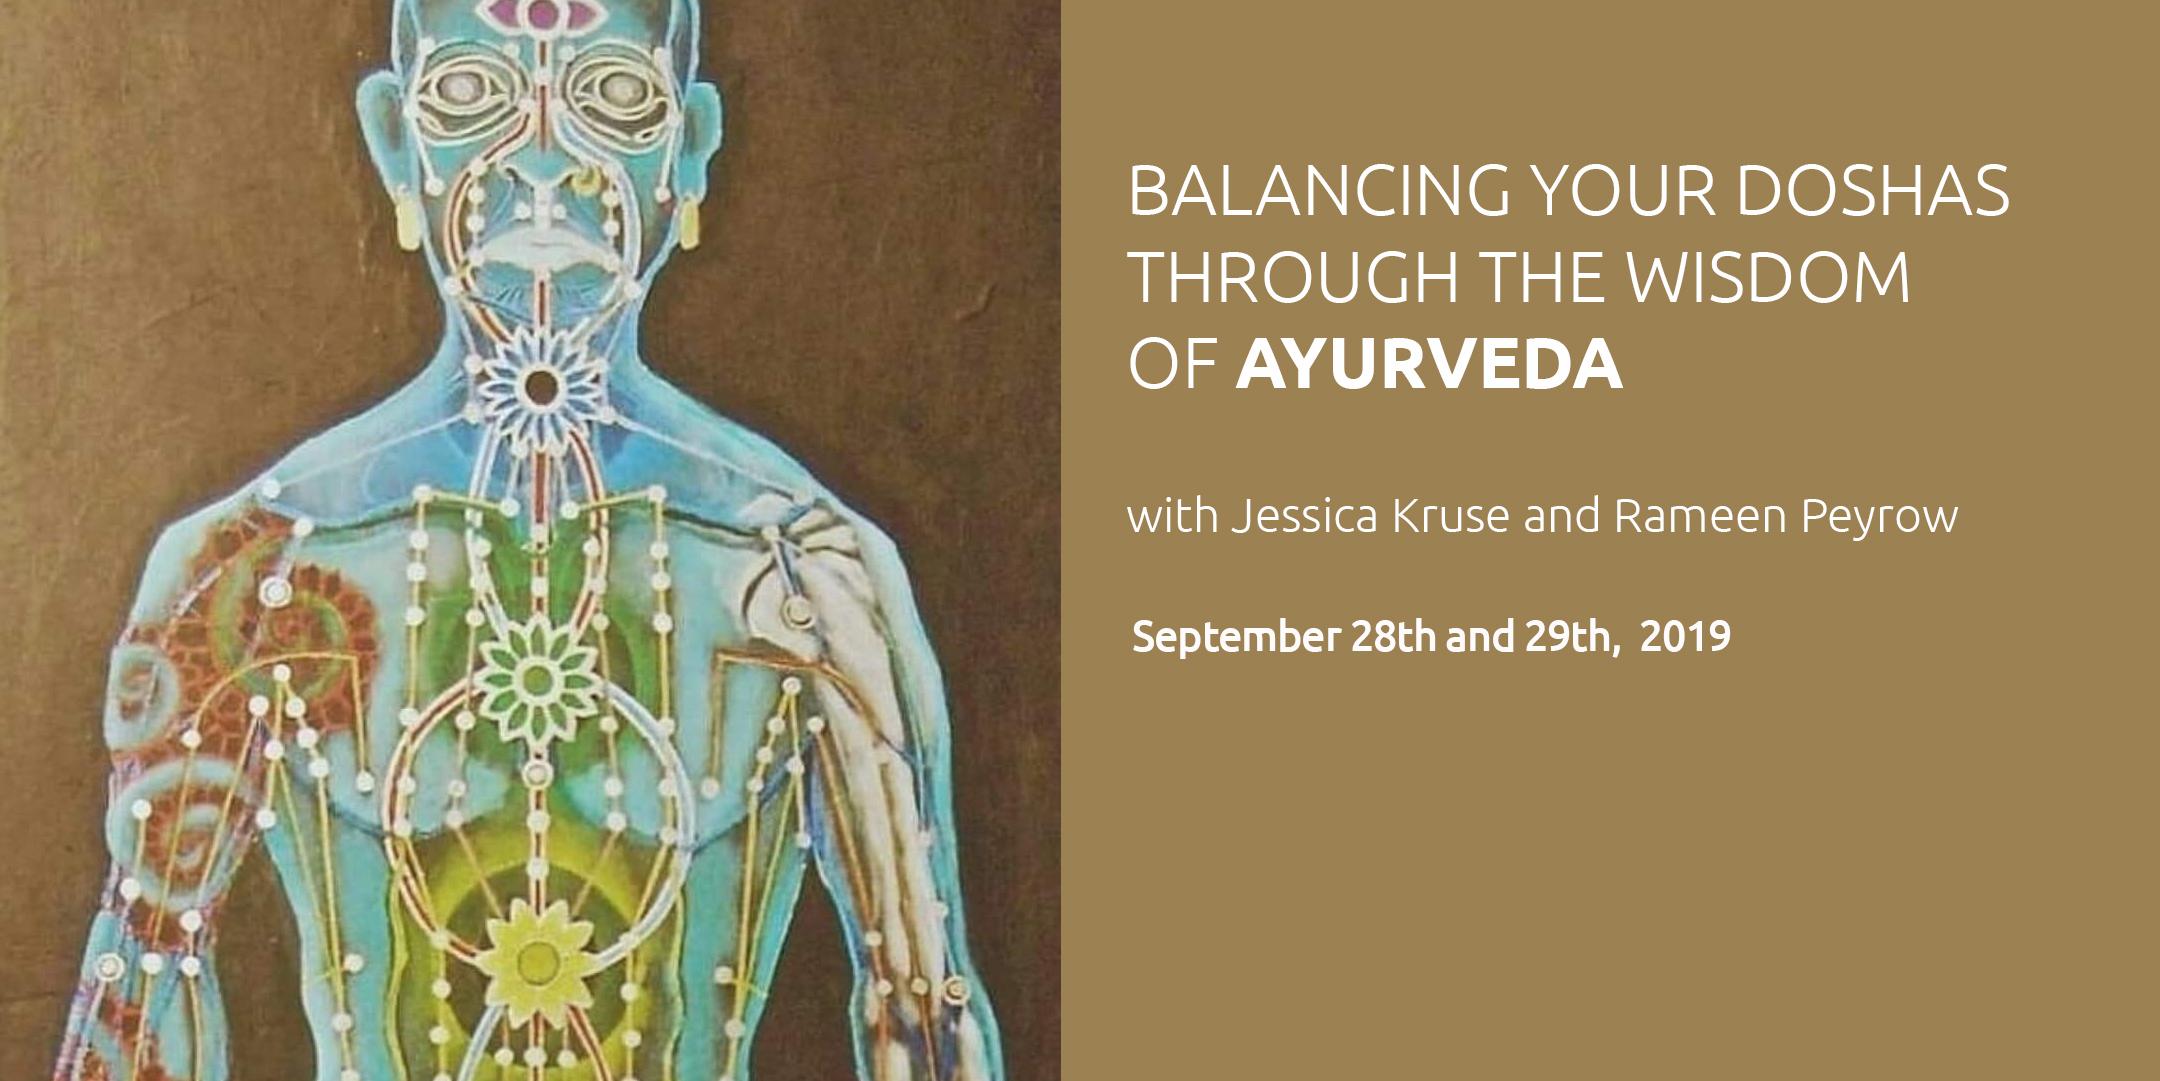 ayurveda-workshop-banner-no-button-2.jpg